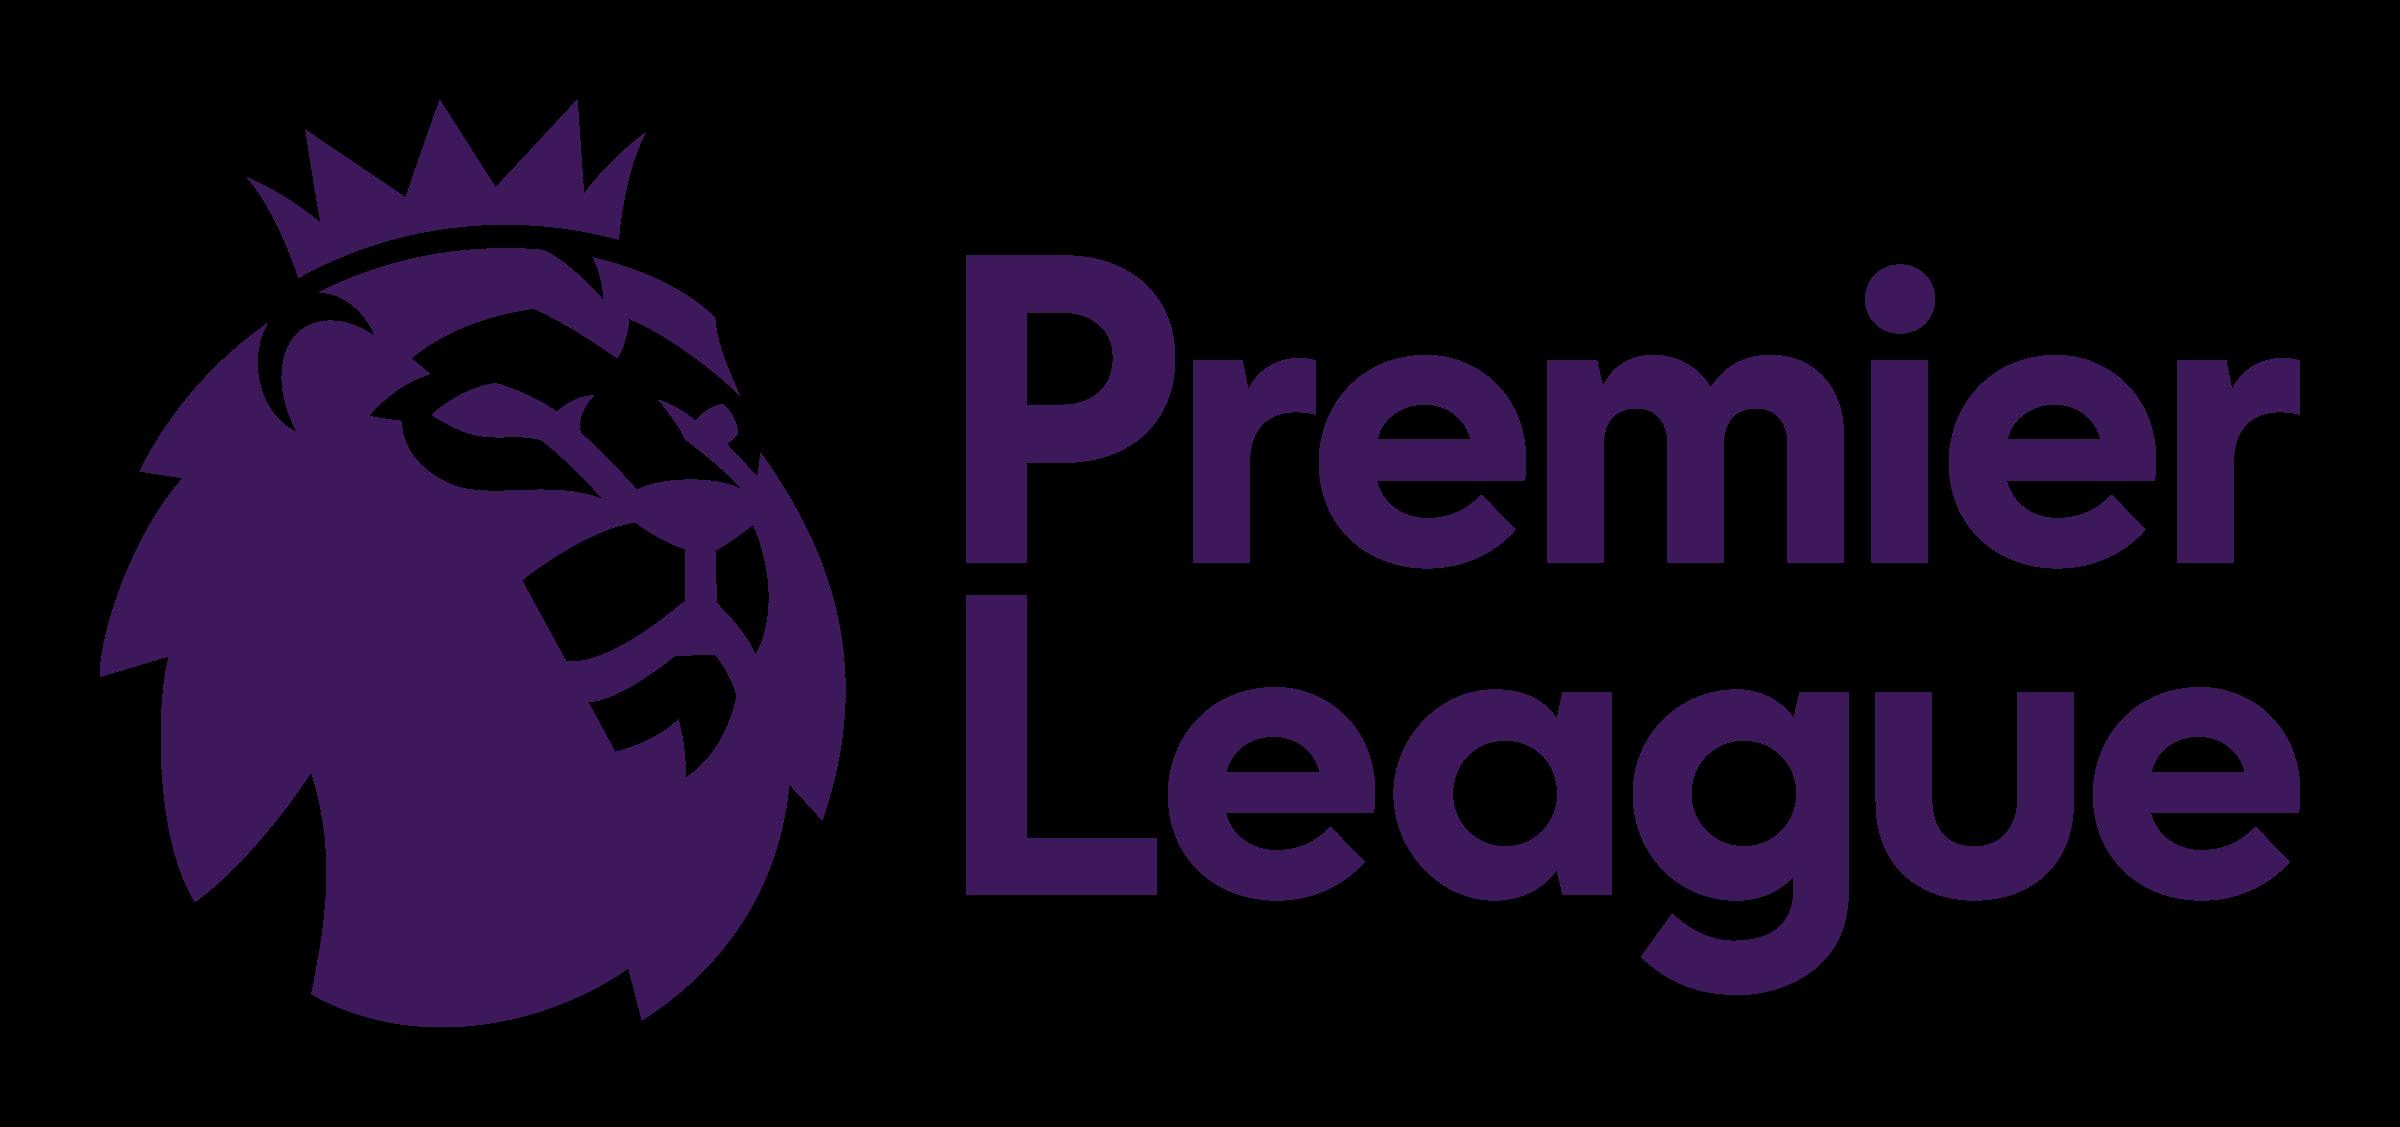 premier-league-logo-png-transparent